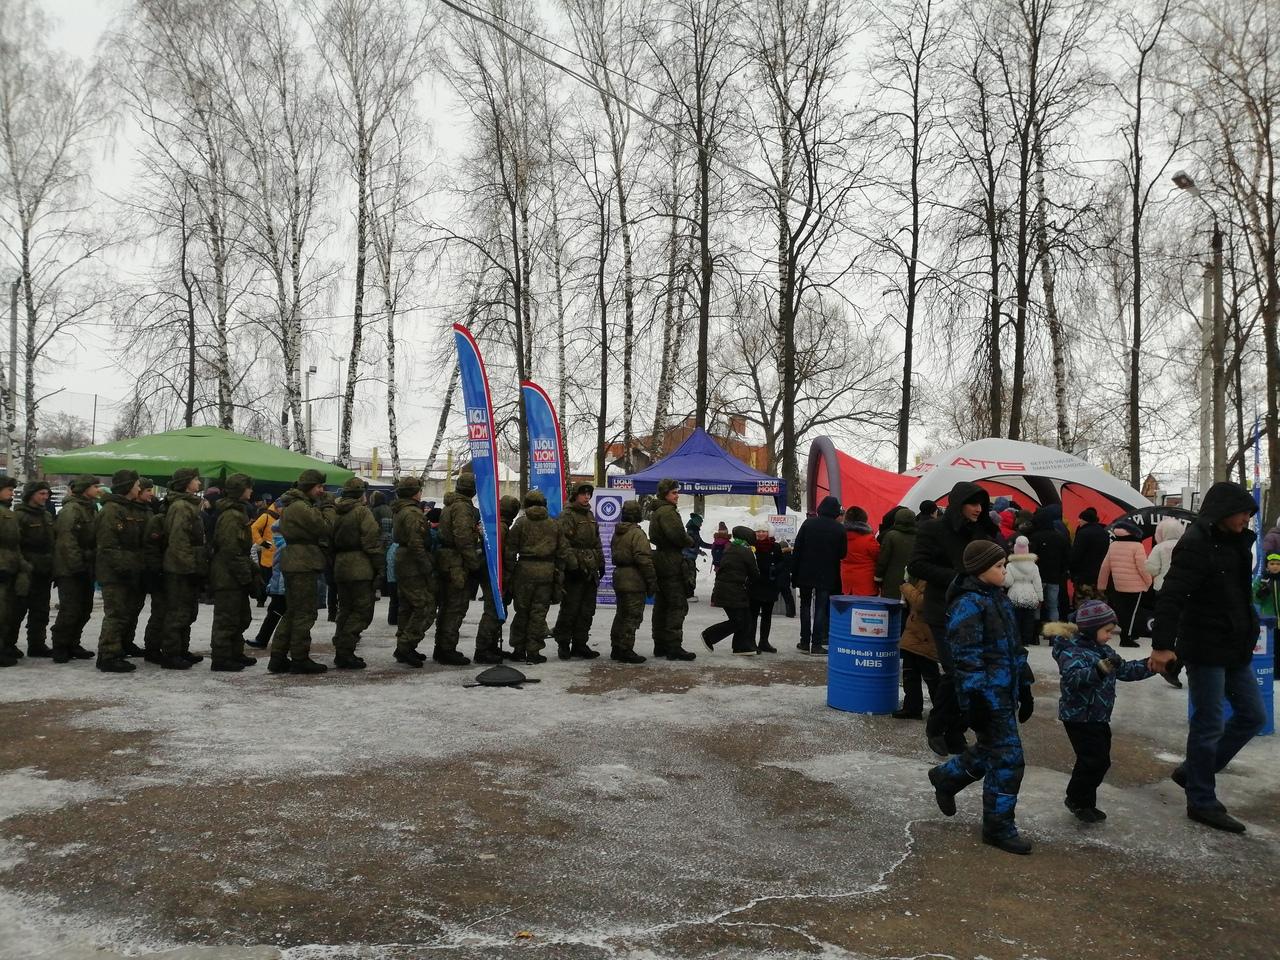 Очередь из солдат за горячим чаем, они тоже пришли посмотреть мотогонки